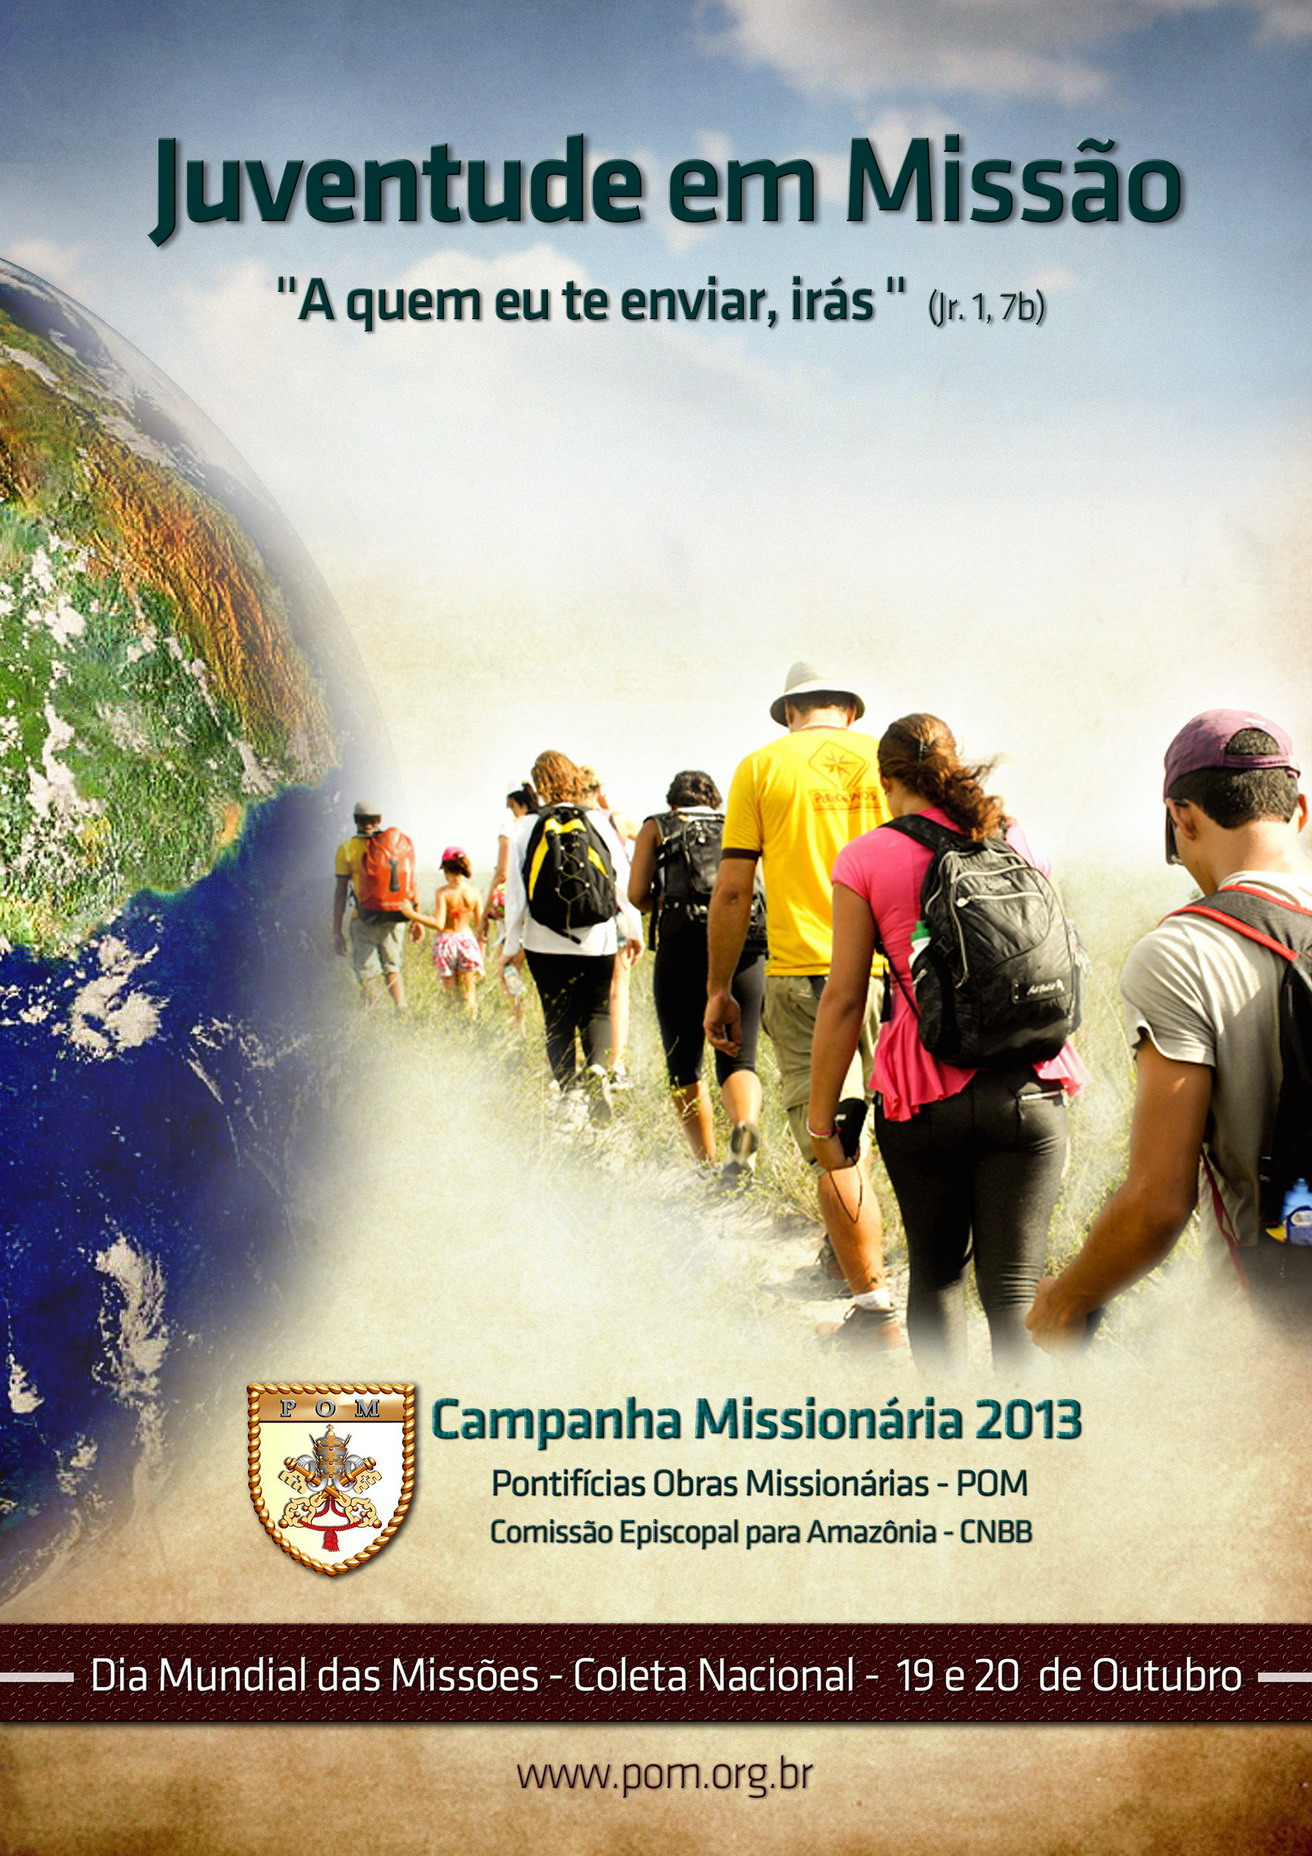 Campanha Missionária 2013 destaca juventude e missão universal da Igreja